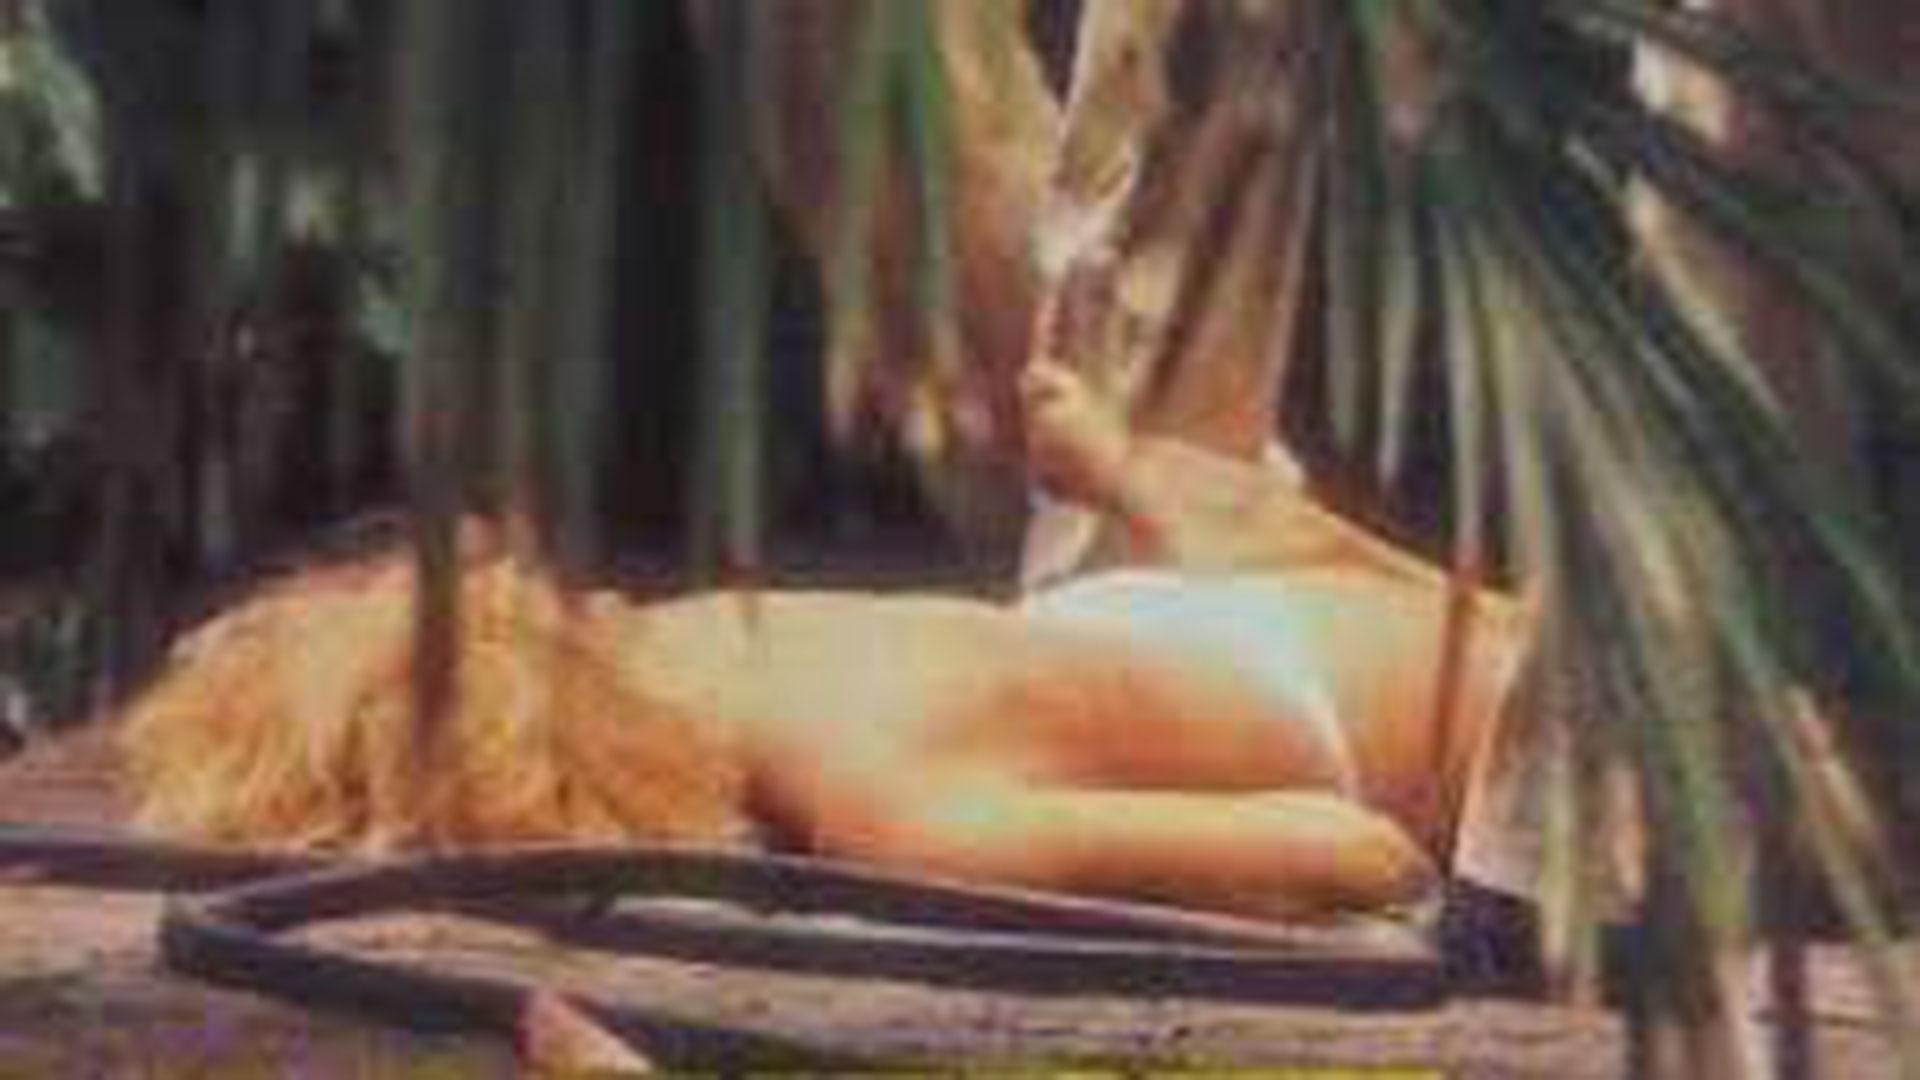 El cuerpo de la ex modelo uruguaya Alicia Muñiz yace en un patio interno de la casa en la que vacacionaba con Carlos Monzón, luego de que él la arrojara al vacío